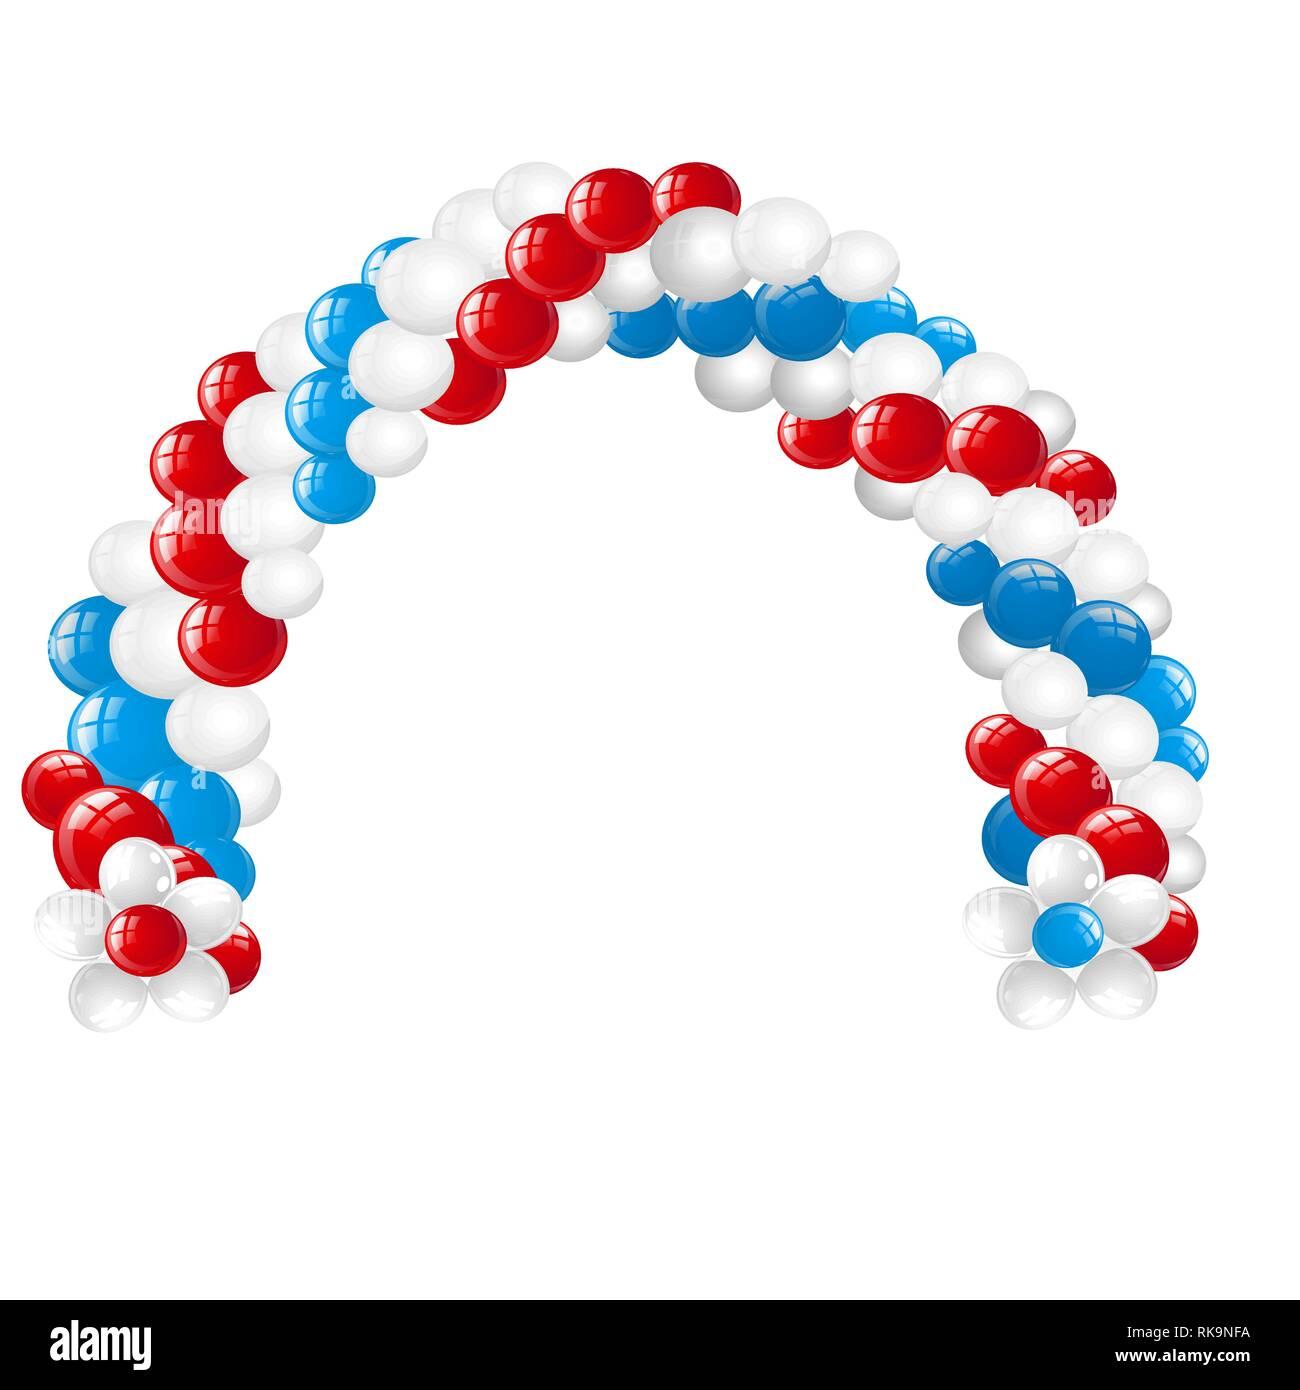 Arco In Bianco Rosso Blu Palloncini Isolati Su Sfondo Bianco